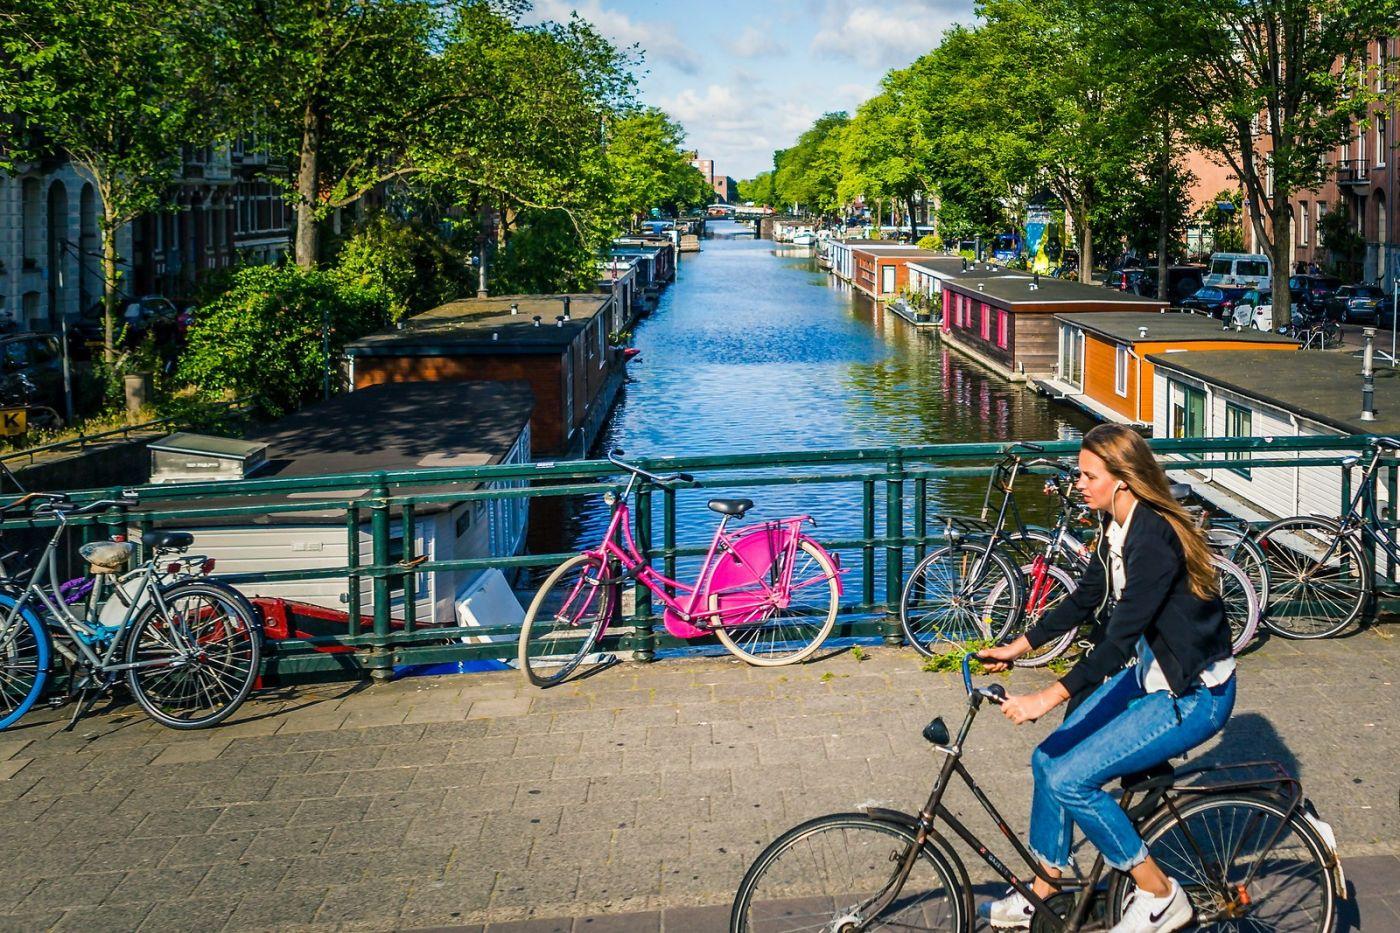 荷兰阿姆斯特丹,穿梭的自行车_图1-1